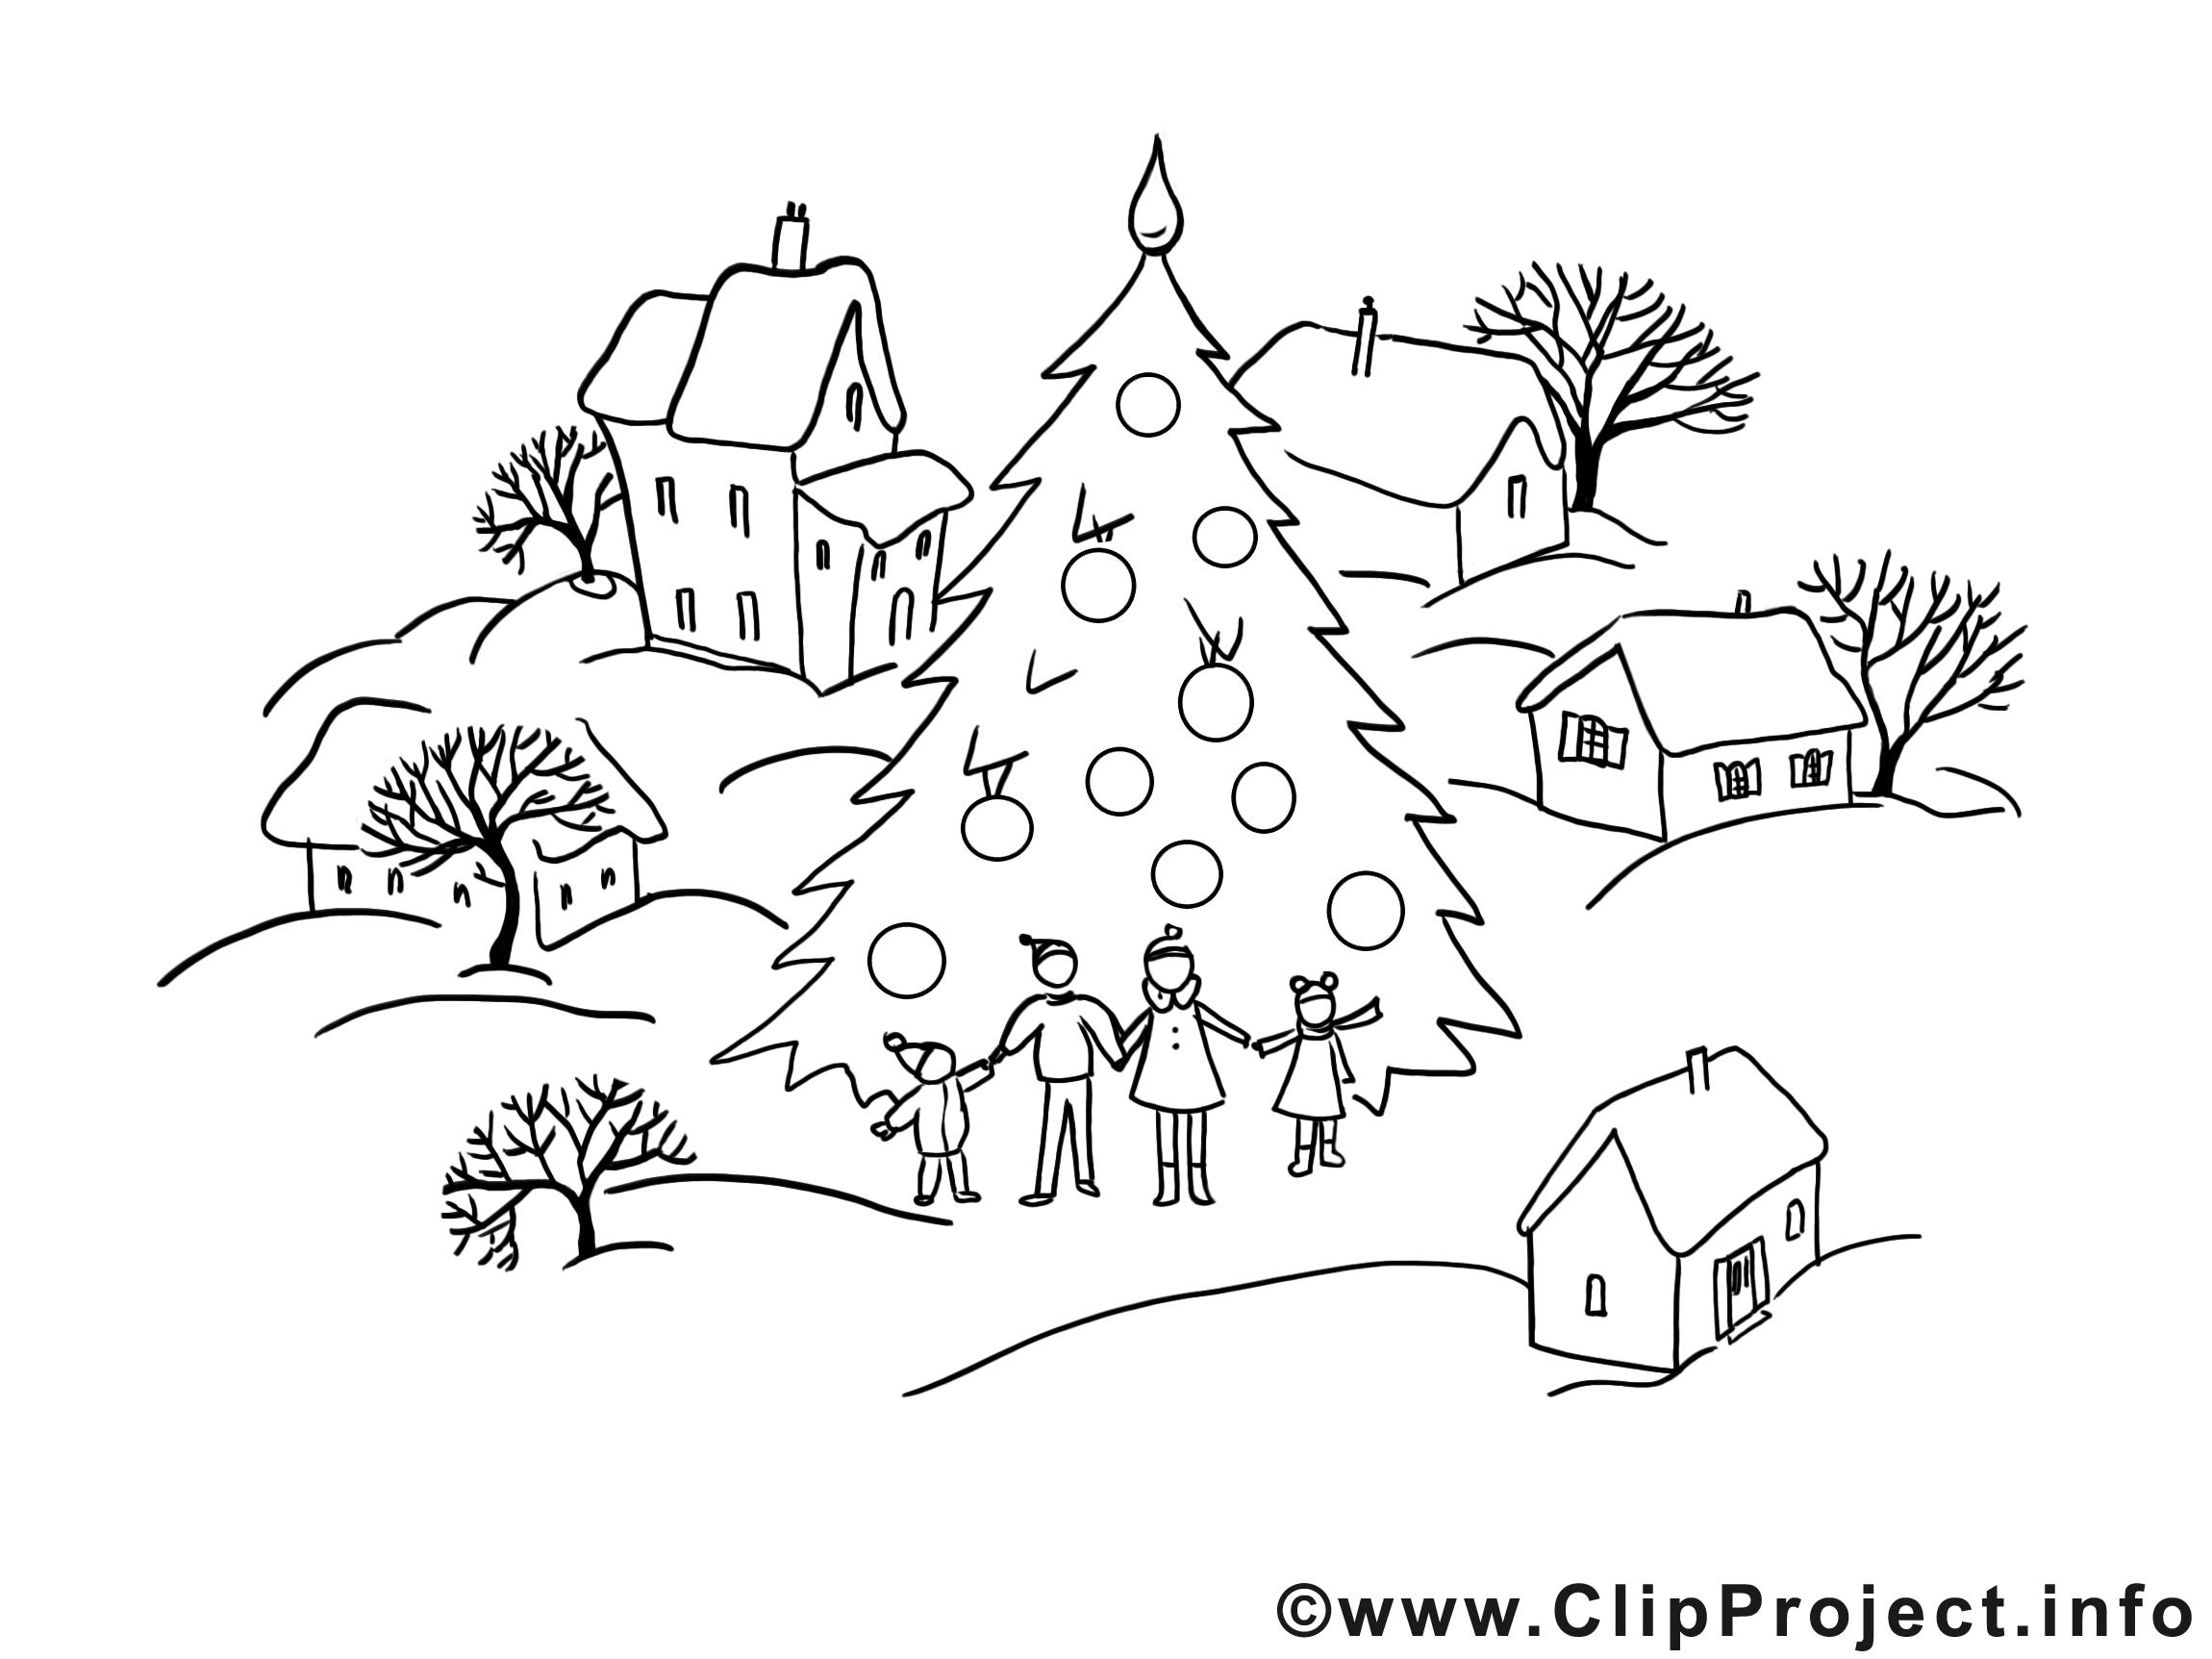 Weihnachtsbaum Malvorlage (Mit Bildern) | Malvorlagen bei Weihnachtsbaum Malvorlage